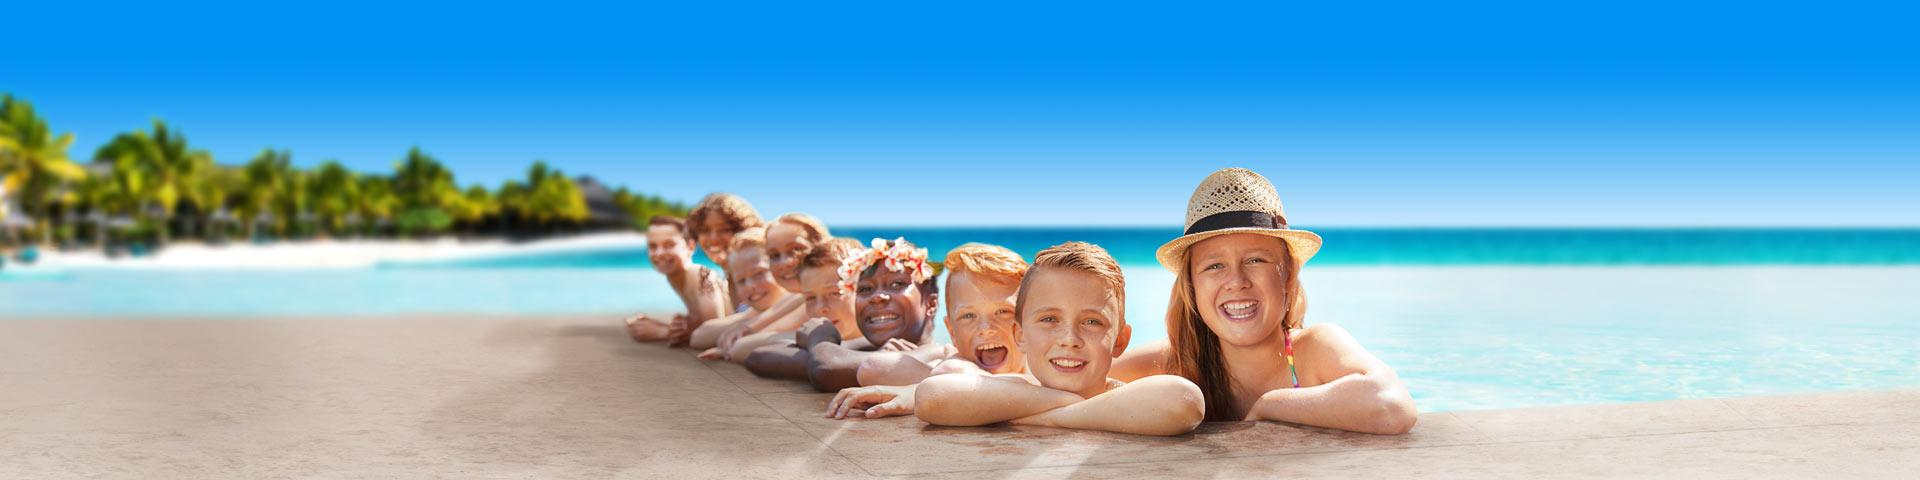 Kinderen aan de rand van een zwembad tijdens een vakantie